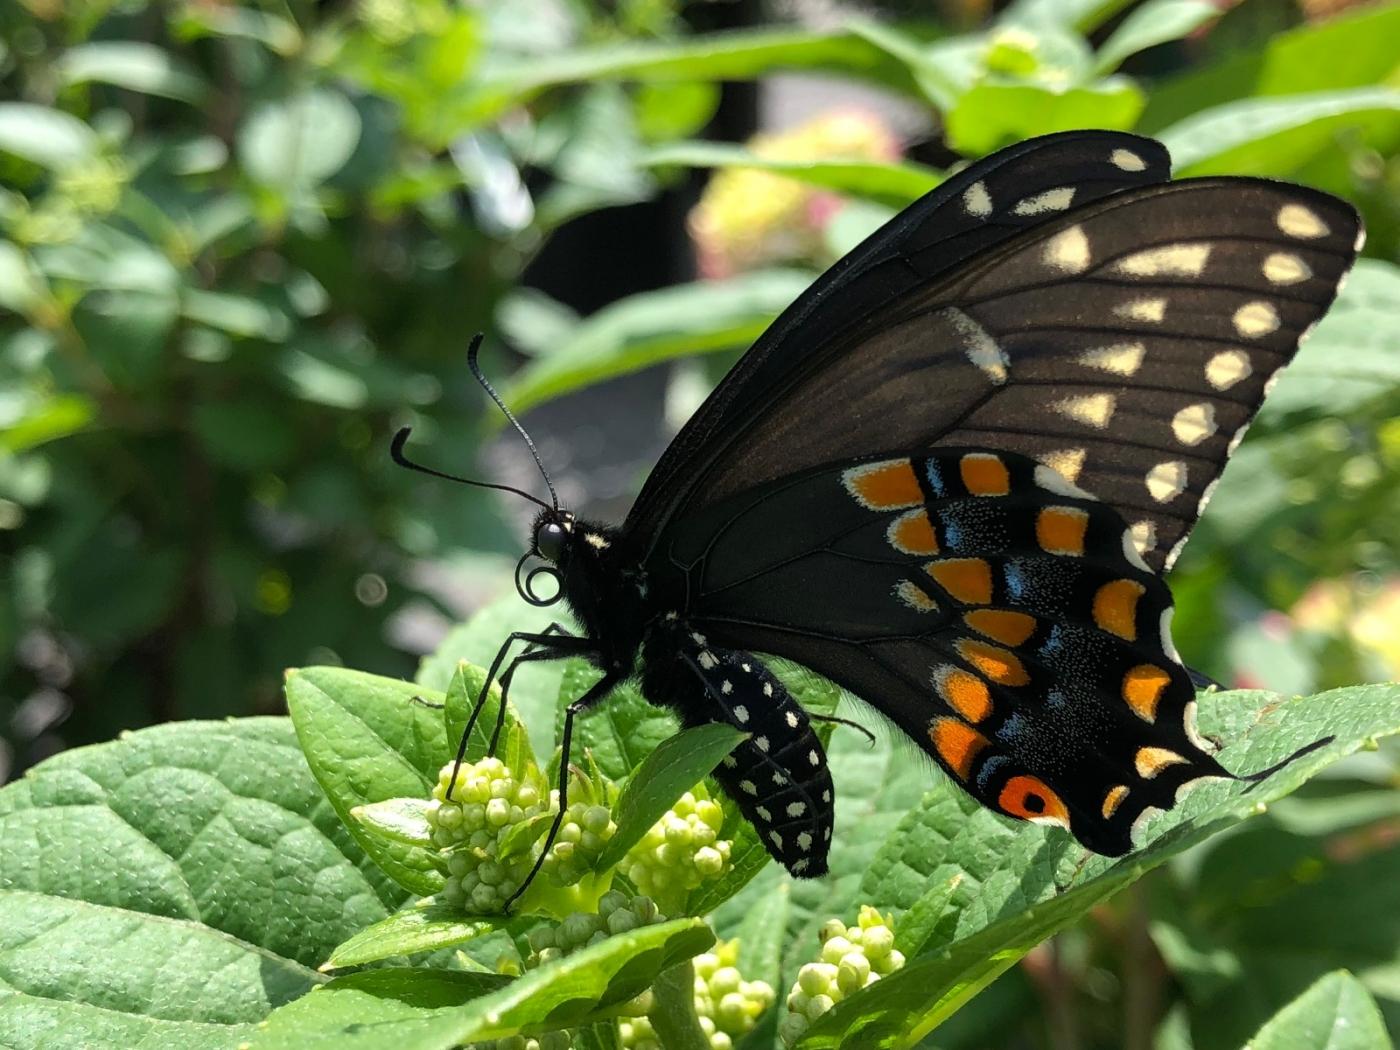 【田螺随拍】我种了马鞭草蝴蝶就来了_图1-1